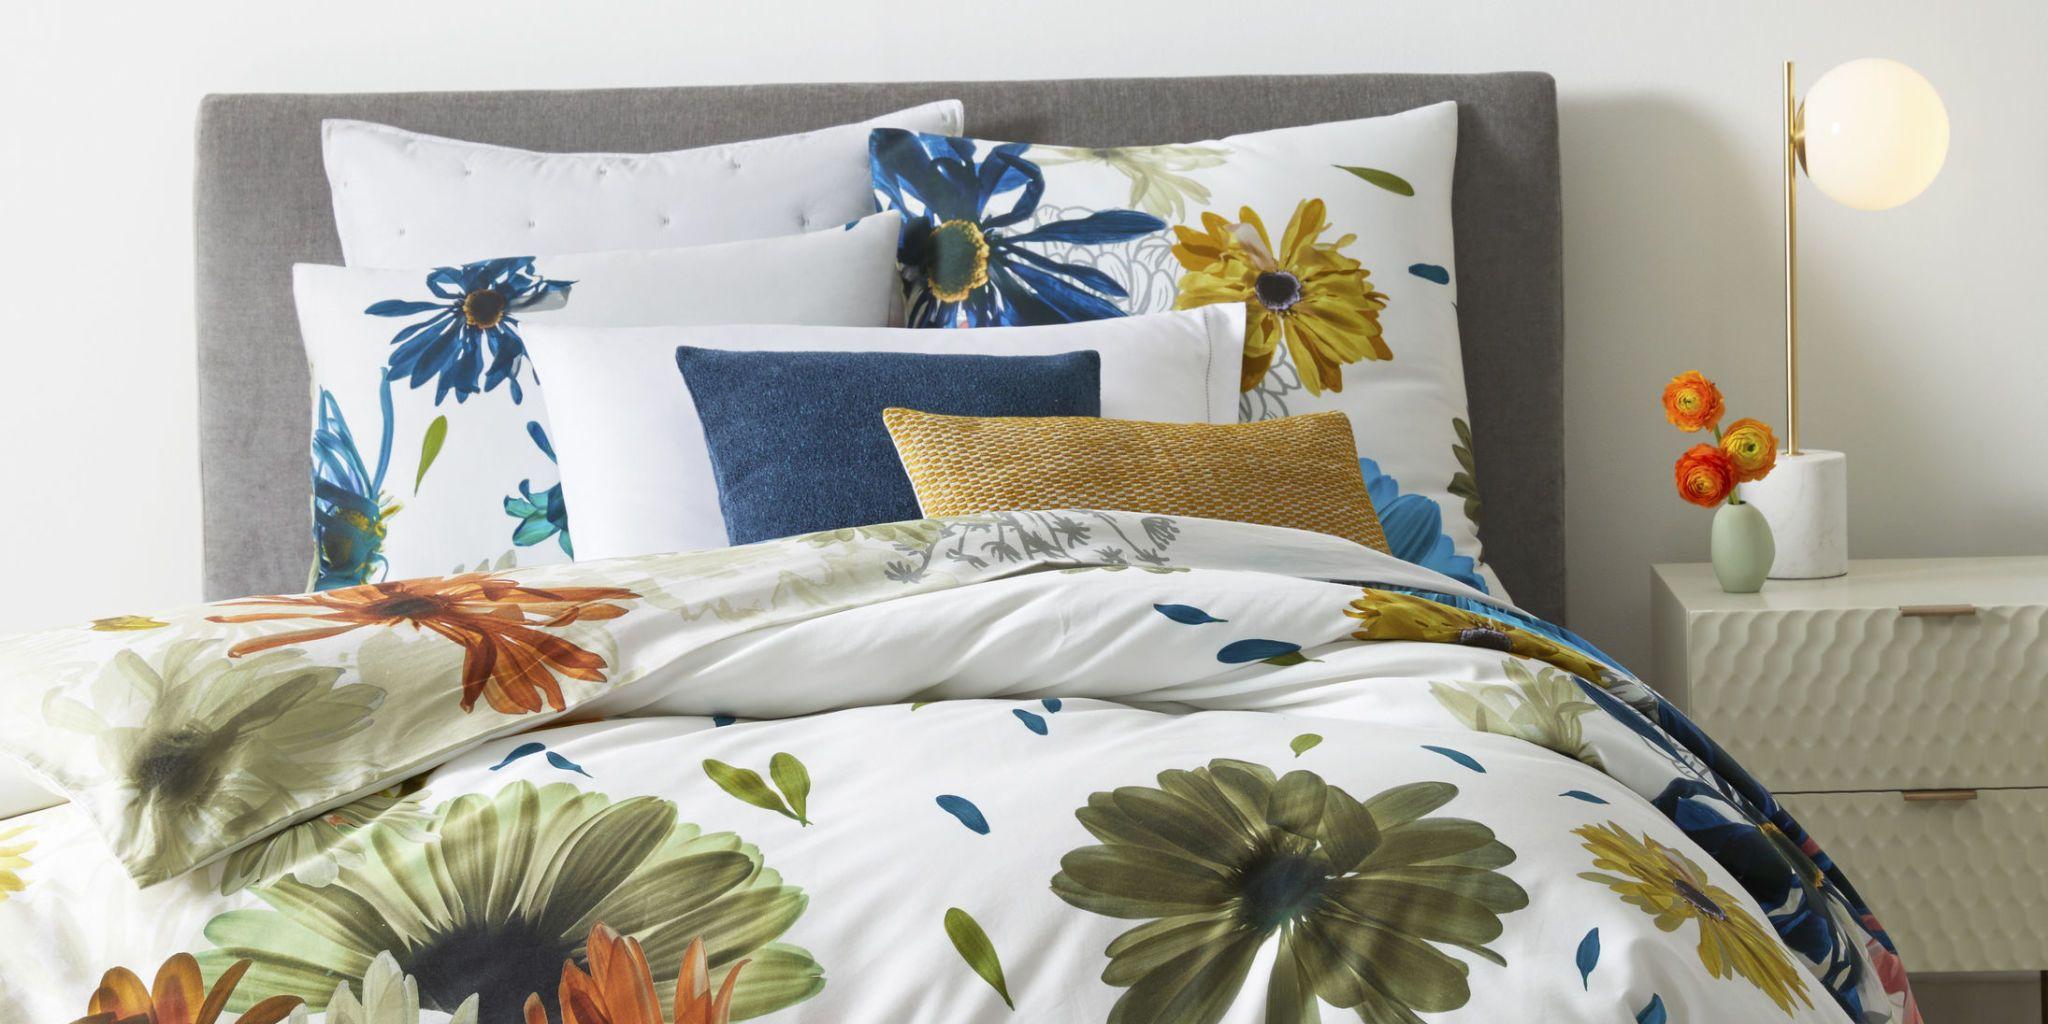 Bedroom Design Trends 2018 - Modern Bedroom Ideas on Trendy Bedroom  id=21703